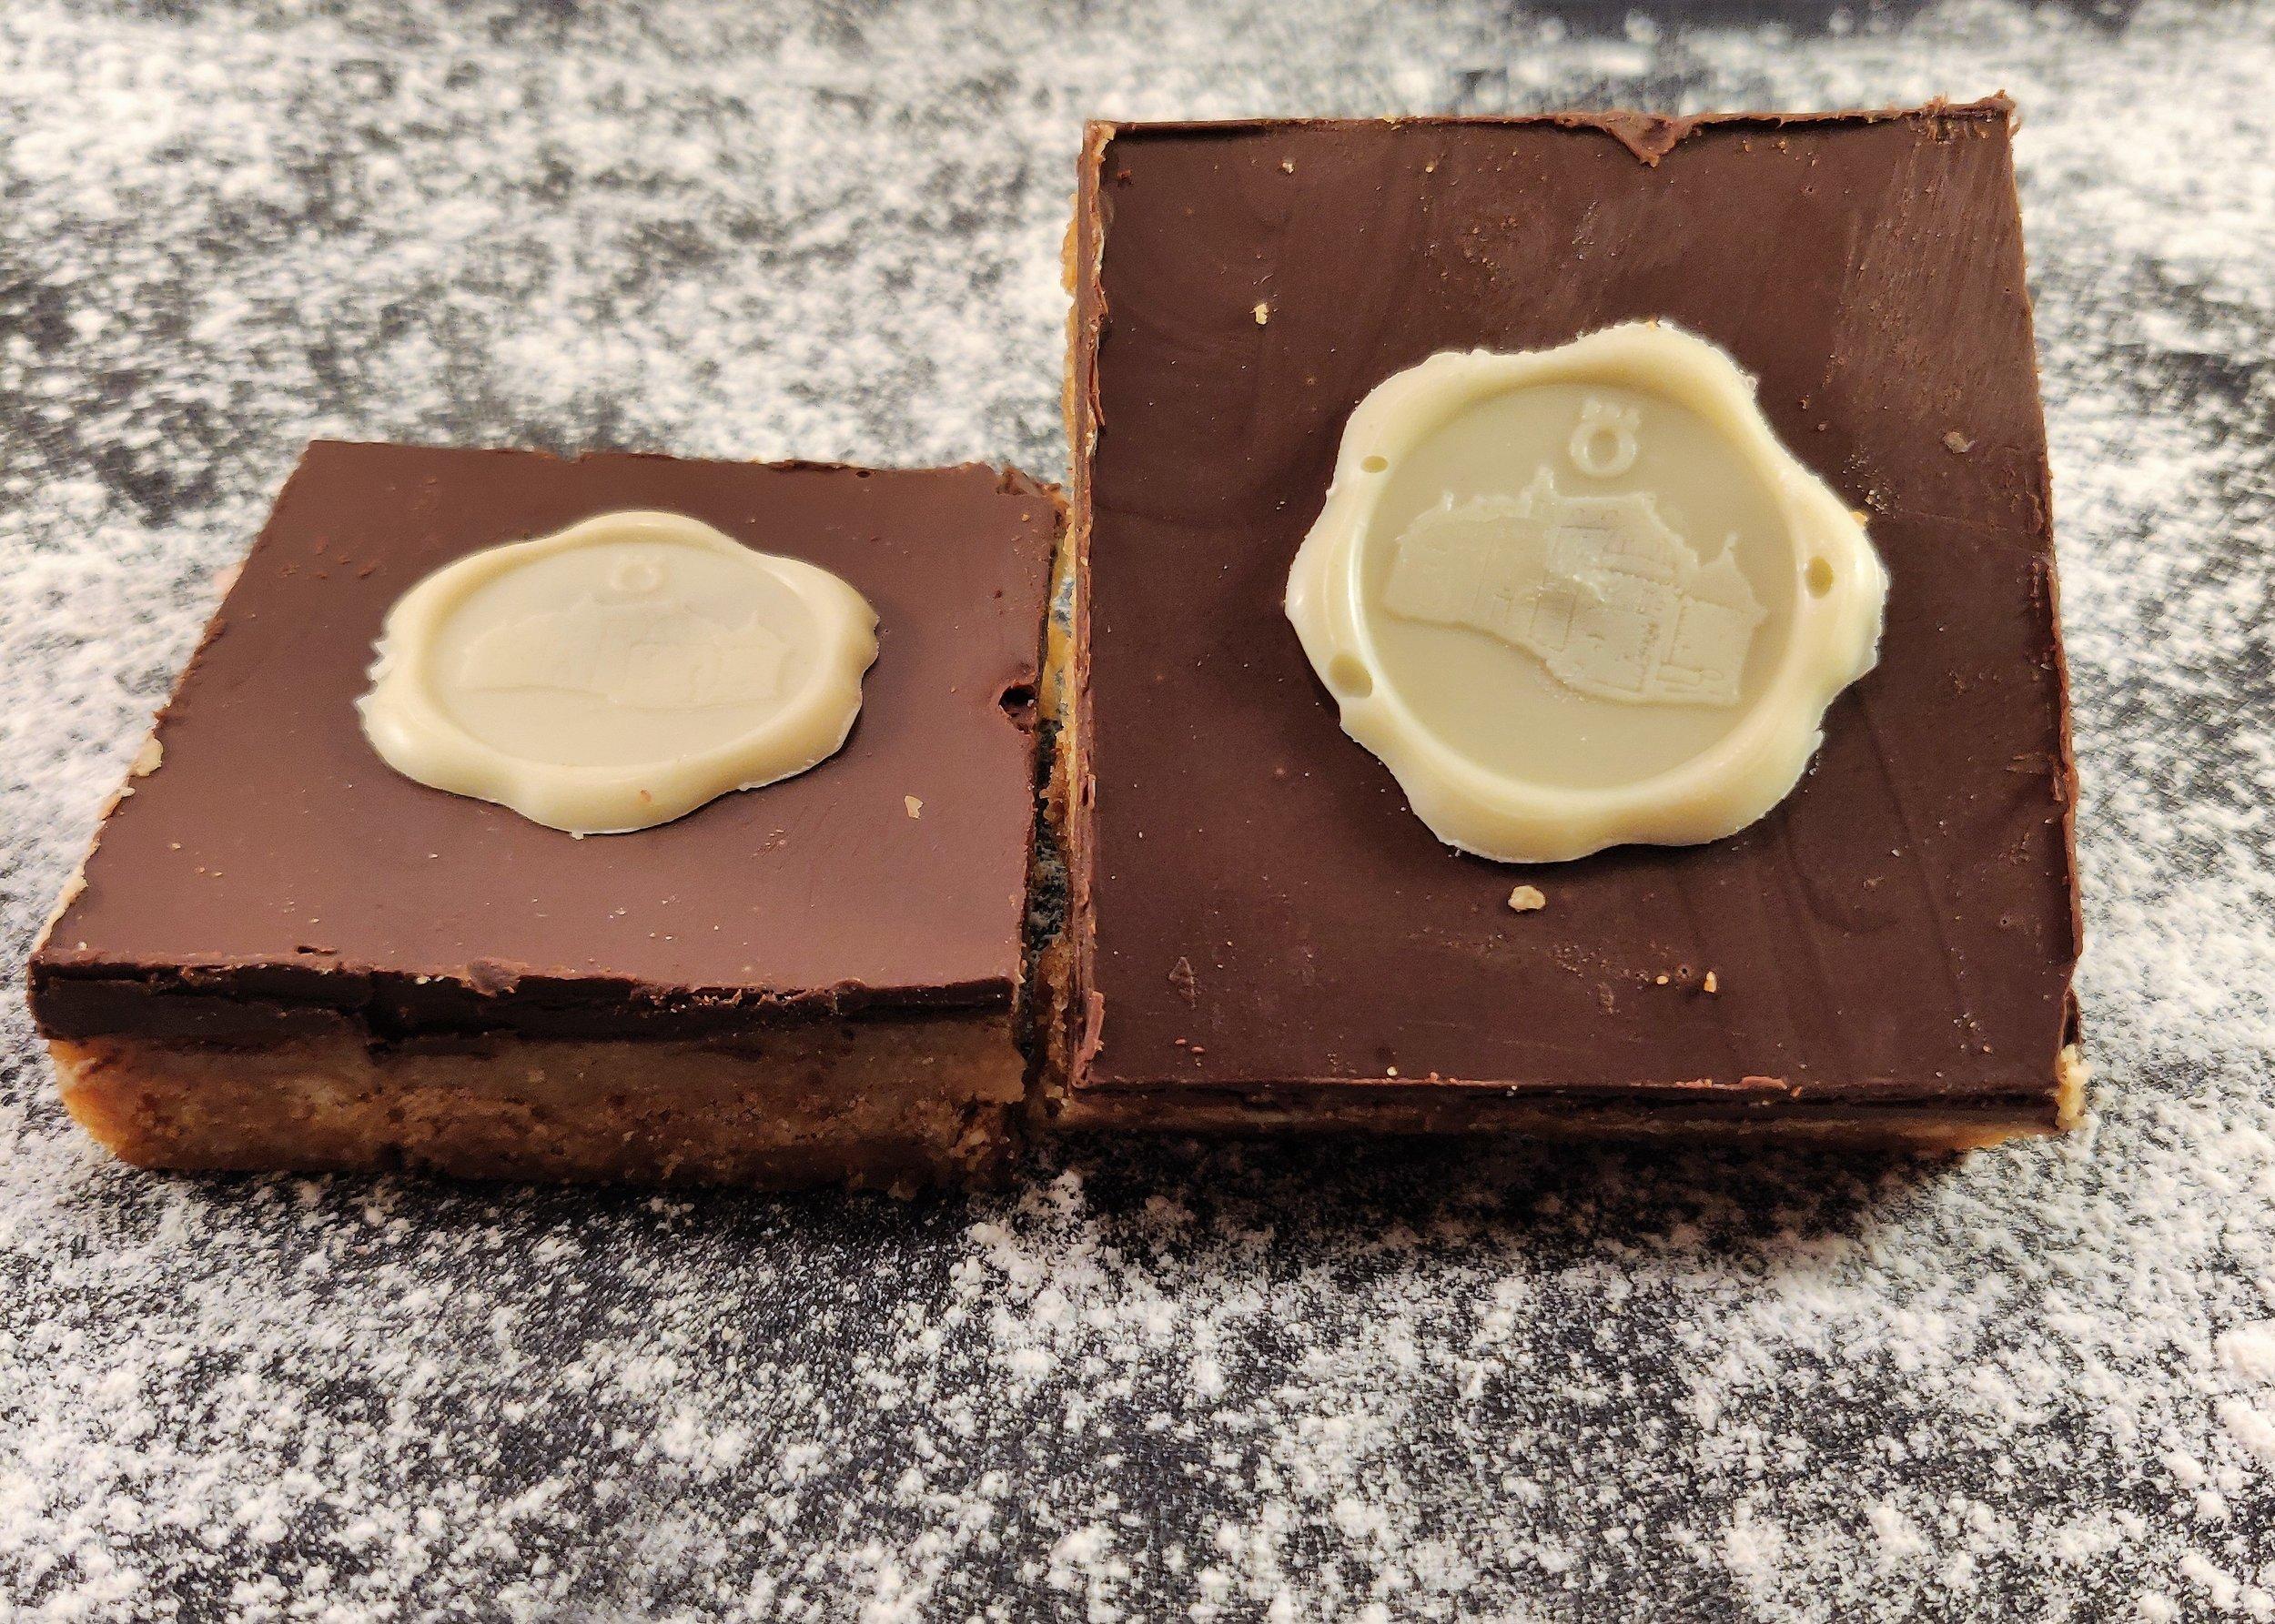 Digestivekex avbakade med smör och sirap, Kola fyllning, chokladtryffel.